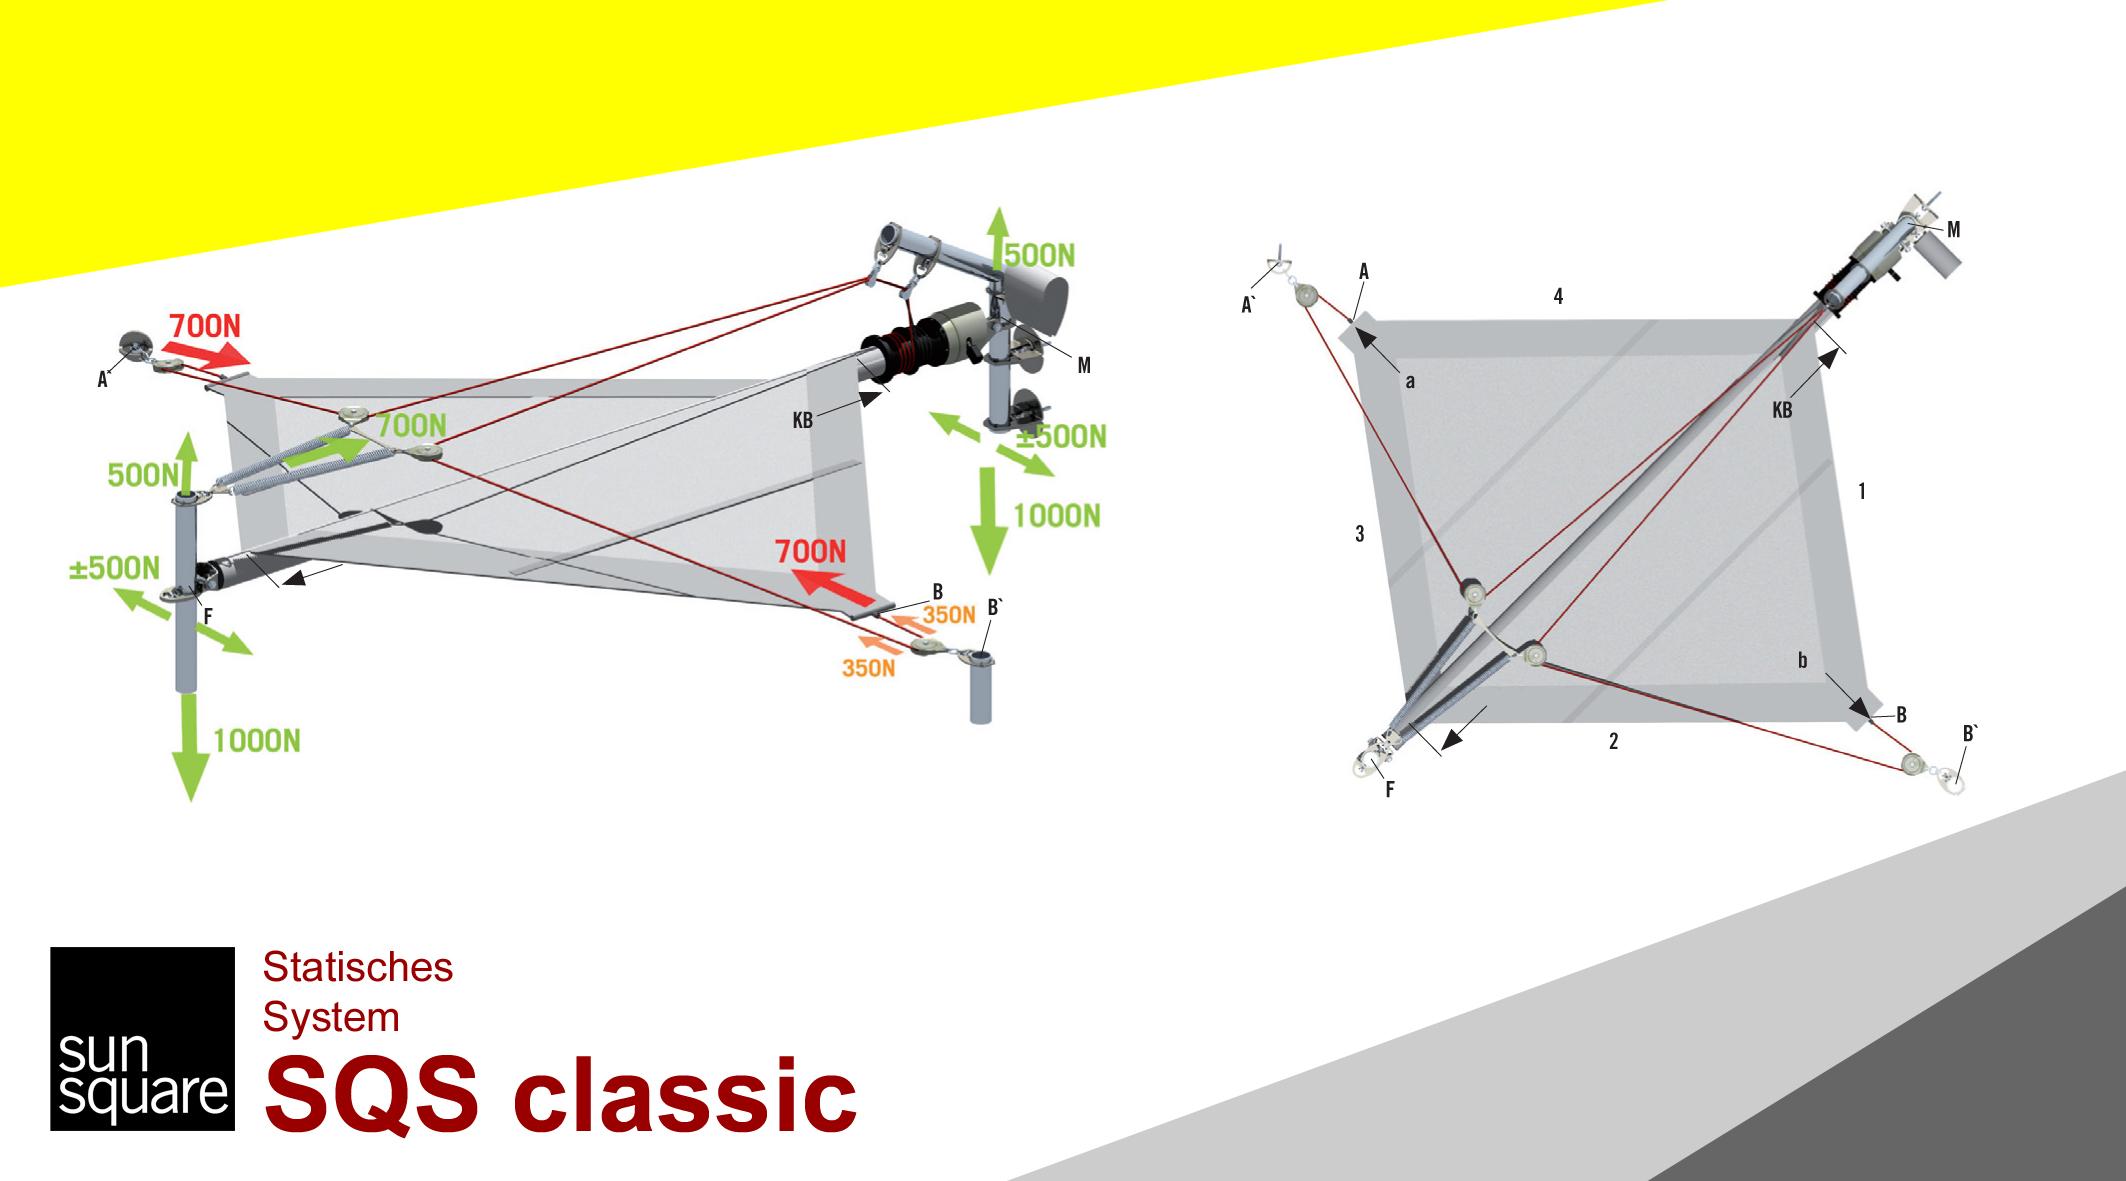 SunSquare Sonnensegel automatisch aufrollbar mit SQS Classic